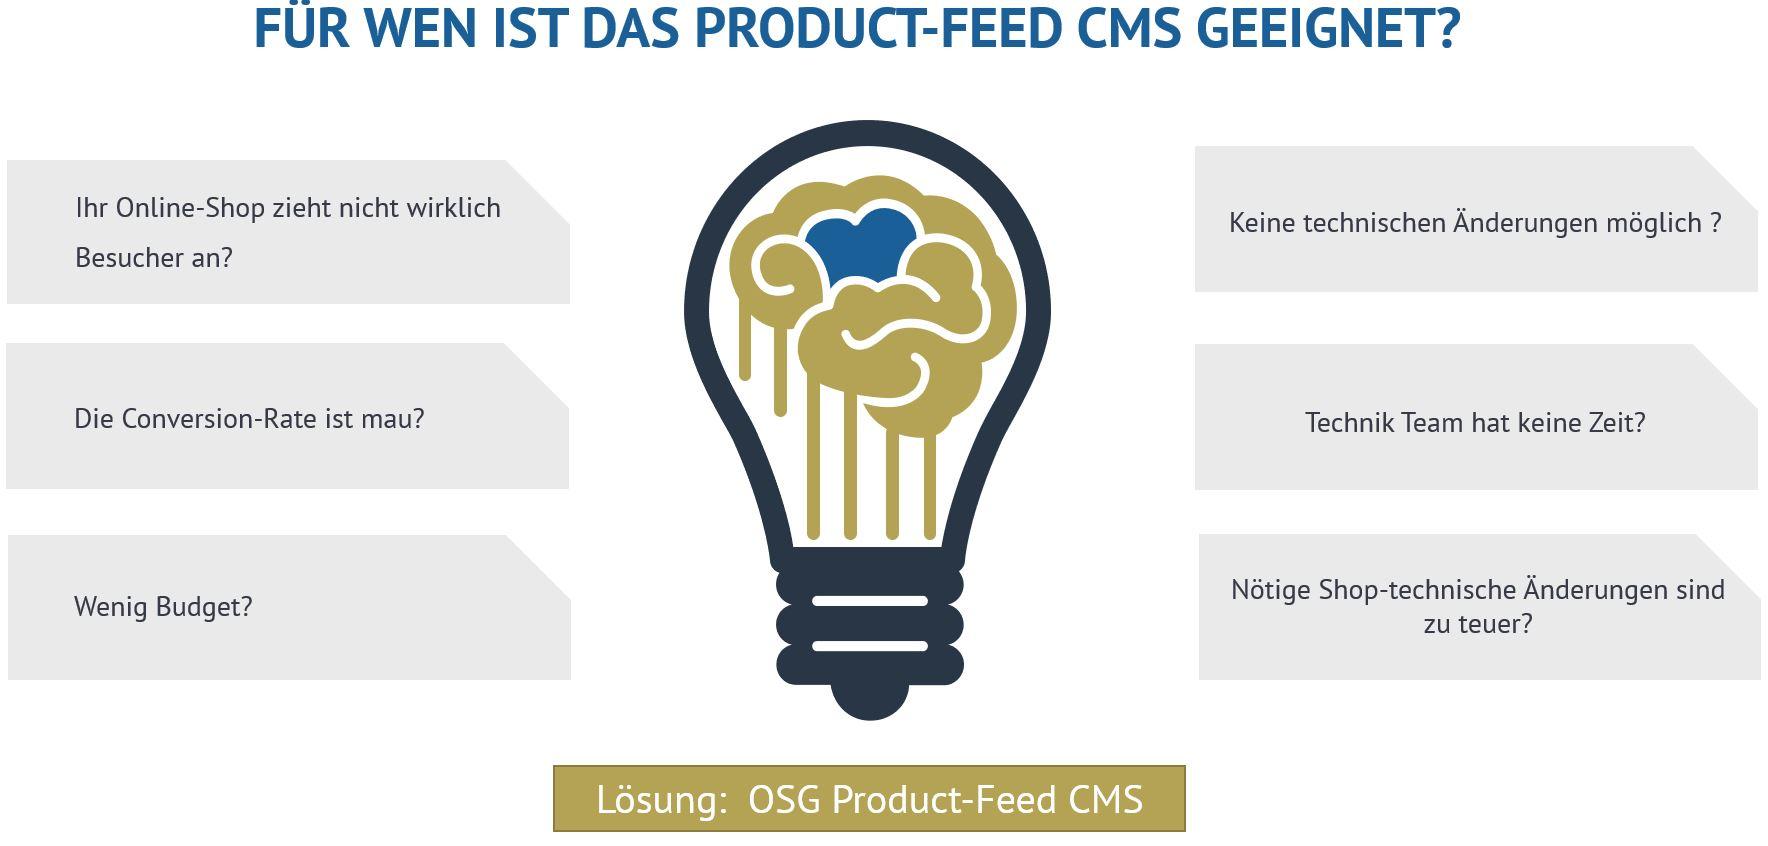 für wen ist das product feed cms von osg geeignet